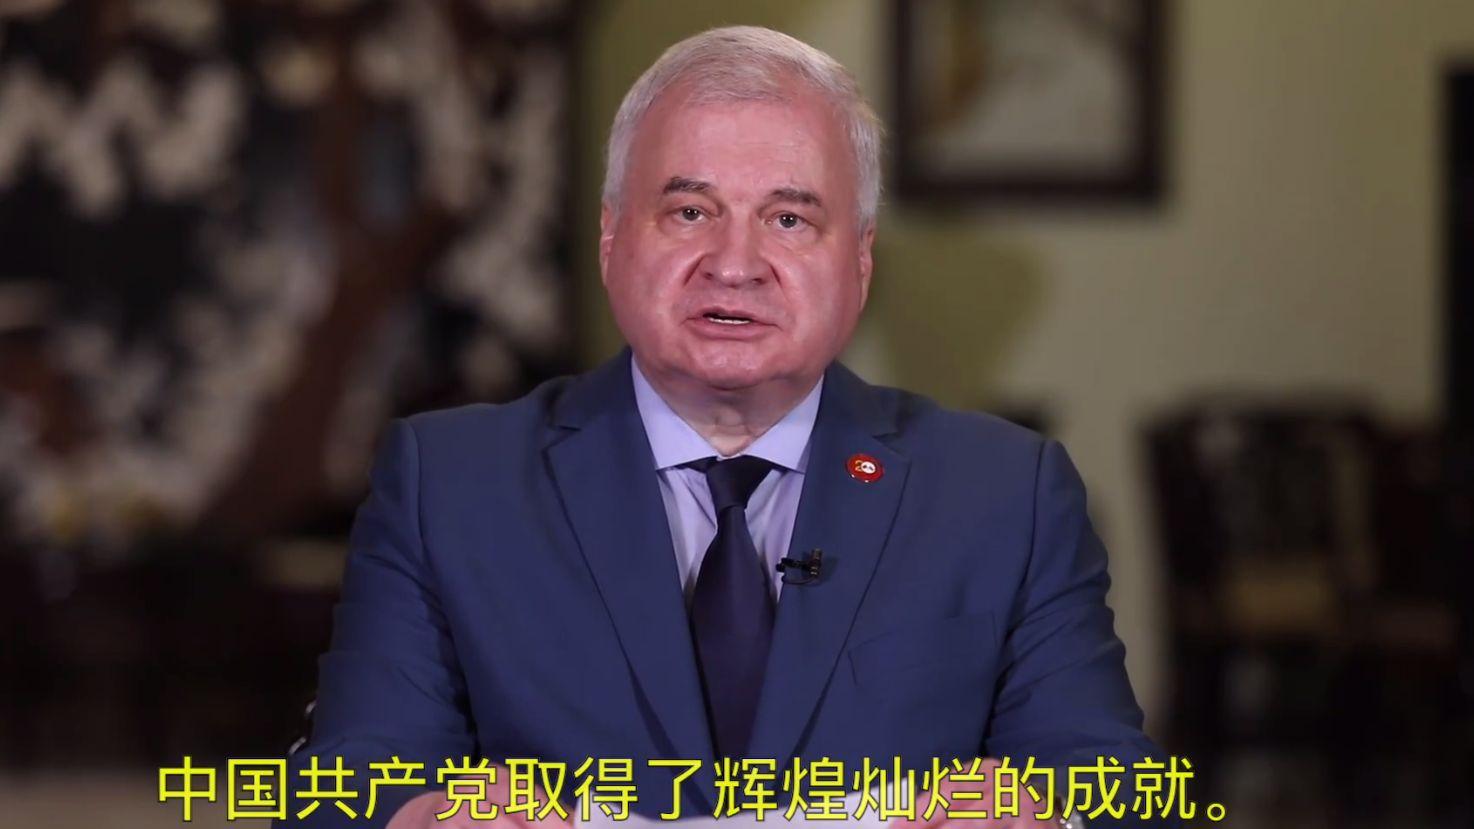 【有片】俄羅斯駐華大使中文拍片 祝賀中共百年華誕